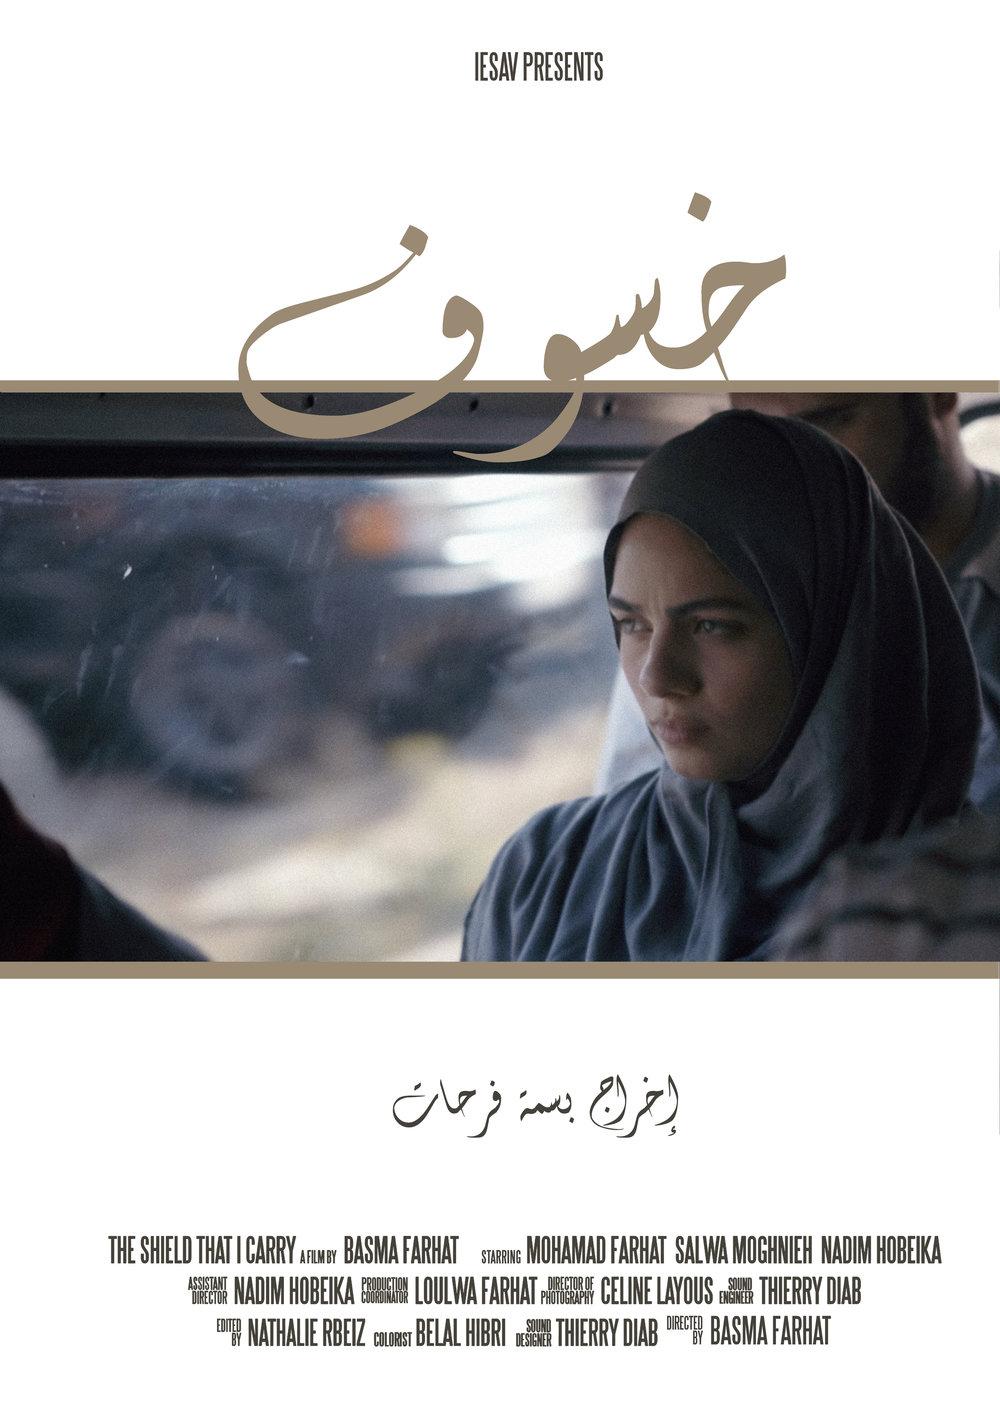 我的盾牌    Basma是一位25岁的大女孩,她一直按照穿着传统头巾的人该有的行为准则来生活。这个女孩,生活在一个遵从宗教习俗和传统的穆斯林农村社会,她的内心冲突需要释放。当Basma开始寻求问题的答案时,她与穿着头巾的父母产生了矛盾……   阅读更多